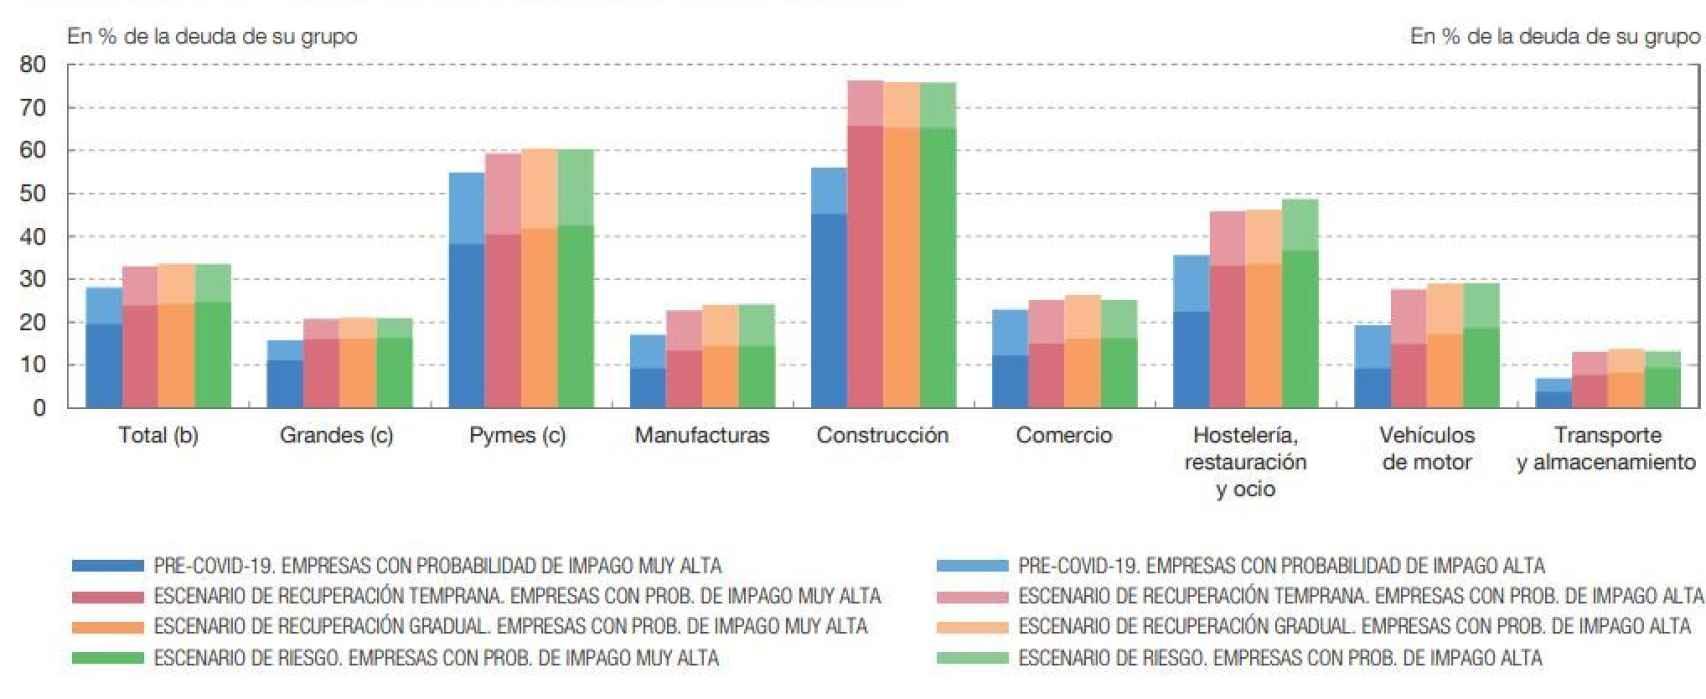 Peso en la deuda de las empresas con alta probabilidad de impago | BdE